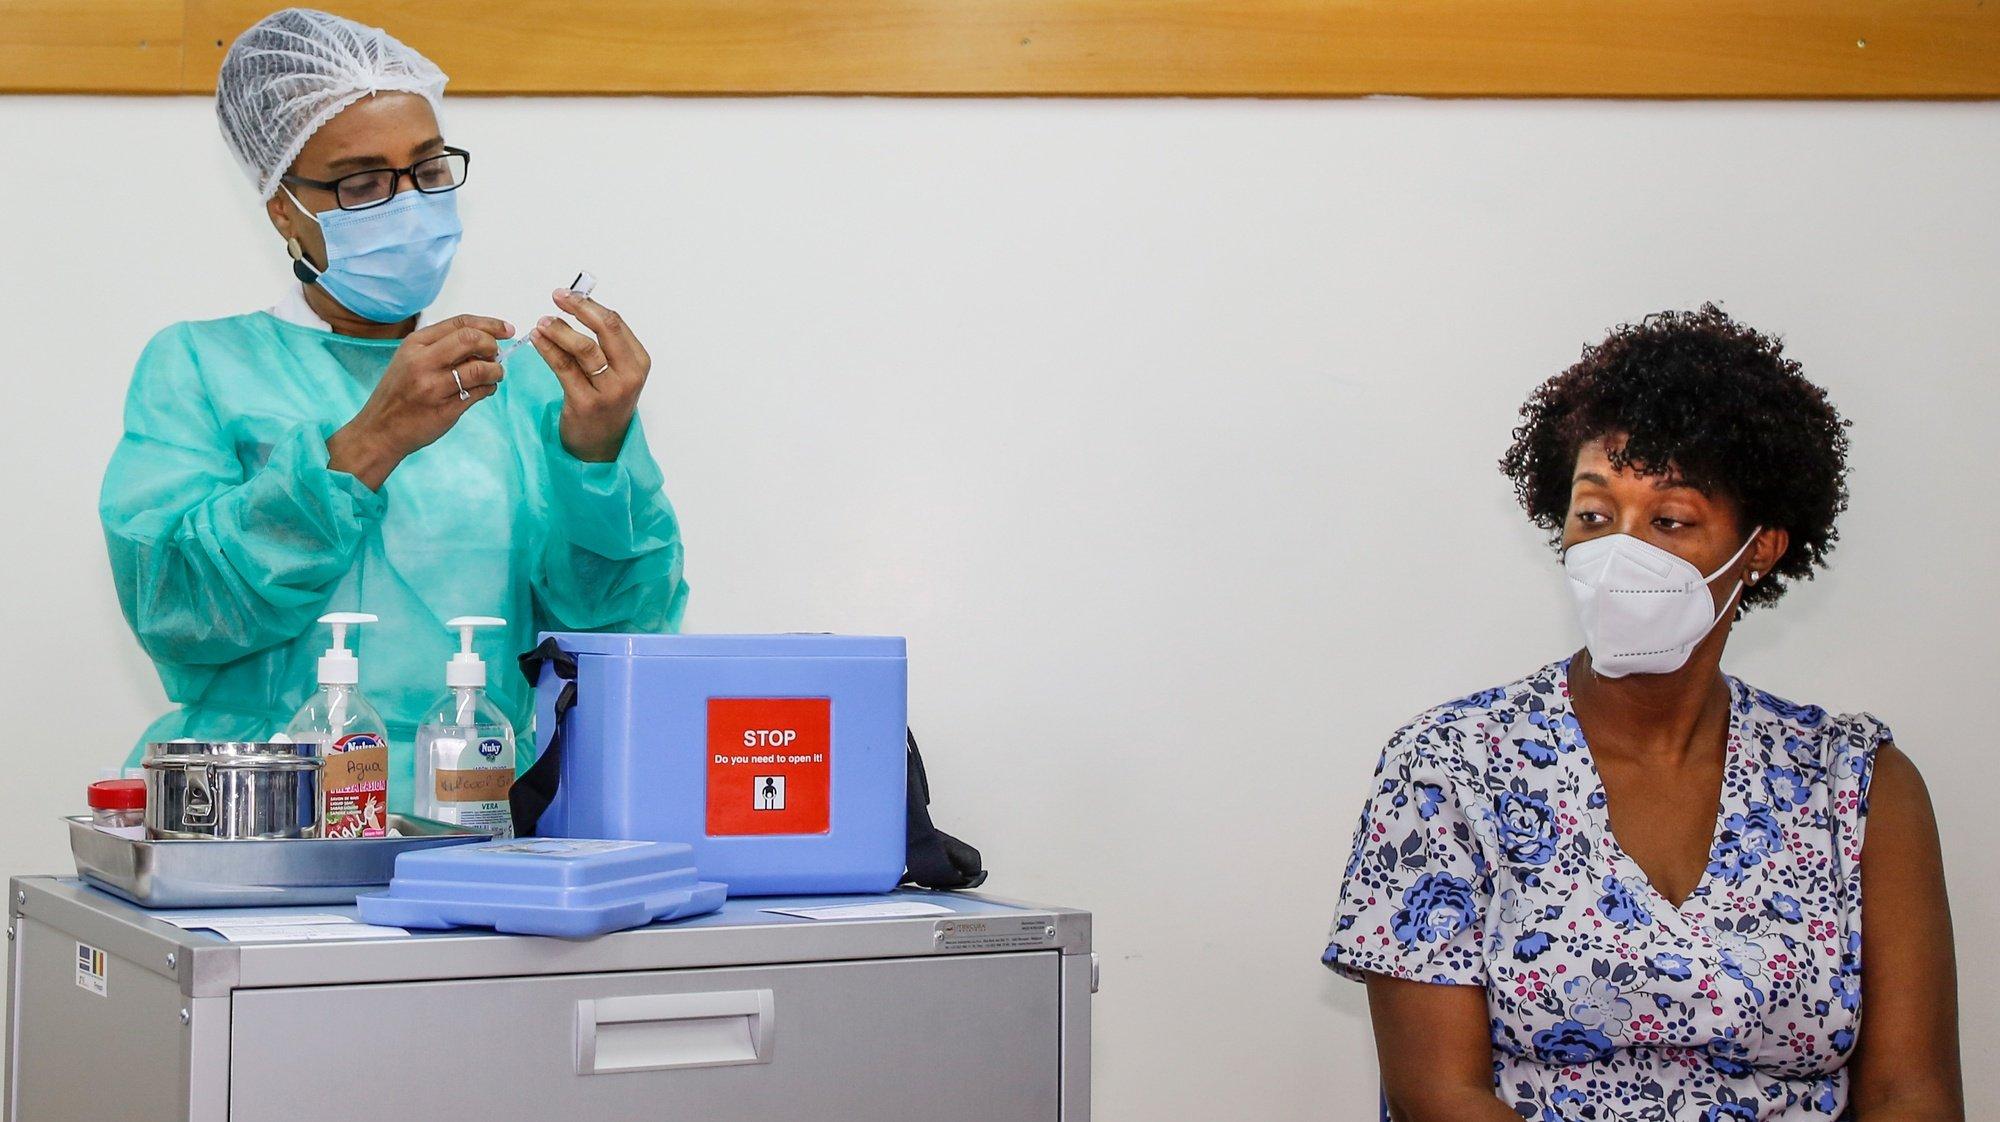 Uma profissional de saúde administra a vacina da Pfizer a covid-19 a um dos seis profissionais de saúde da Praia, antecedendo o início da campanha de vacinação em Cabo Verde, sexta-feira, precisamente um ano depois da chegada da pandemia ao arquipélago, no Centro de Saúde da Achada de Santo António, na Praia, Cabo Verde, 18 de março de 2021. FERNANDO DE PINA/LUSA